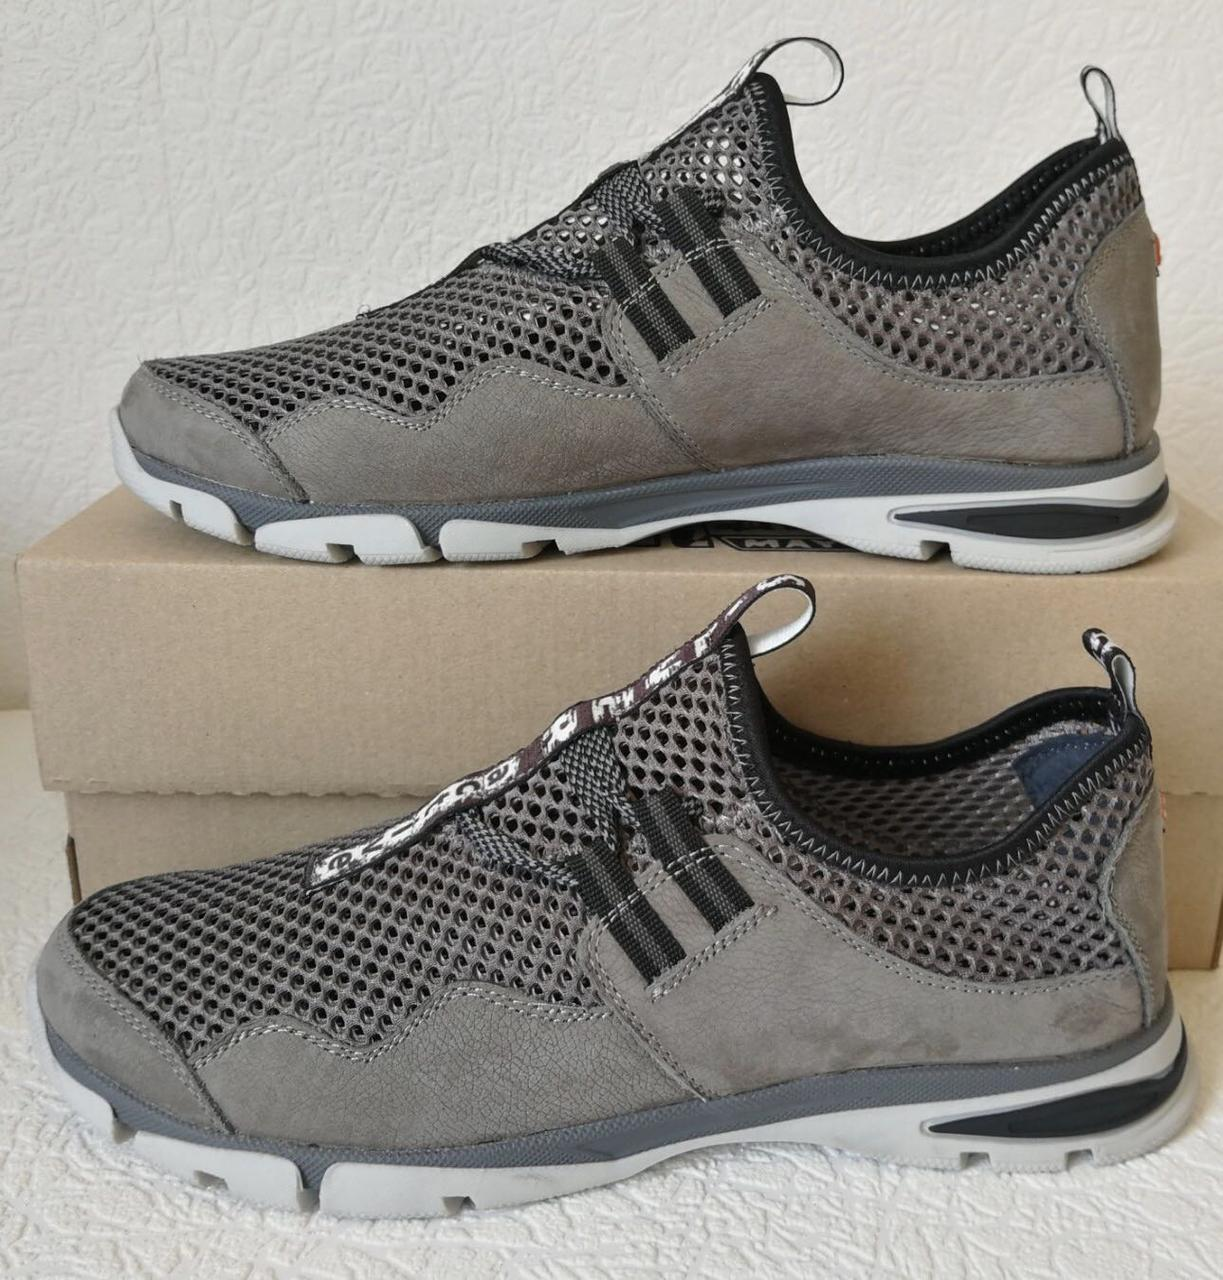 Silver active мужские летние кожаные туфли кроссовки сетка легкие и удобные